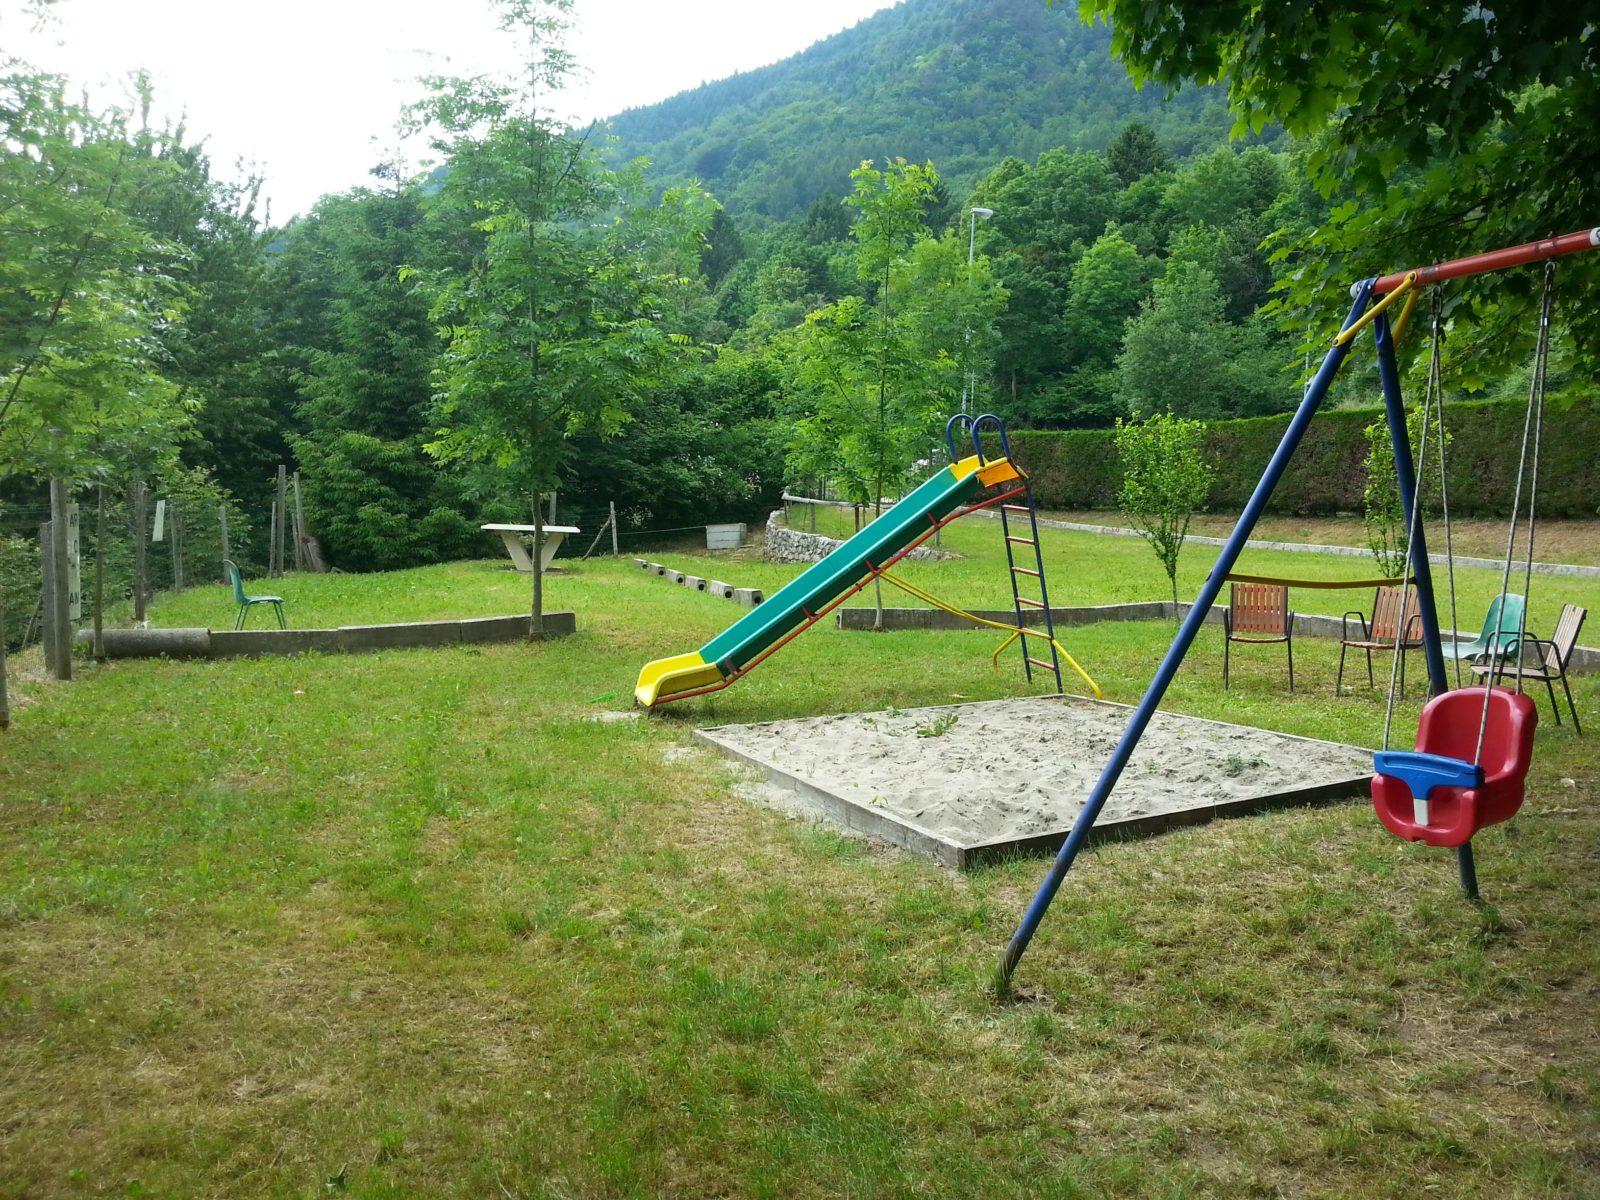 zona-gioco1-camping-club-cerbaro-e1478959597137